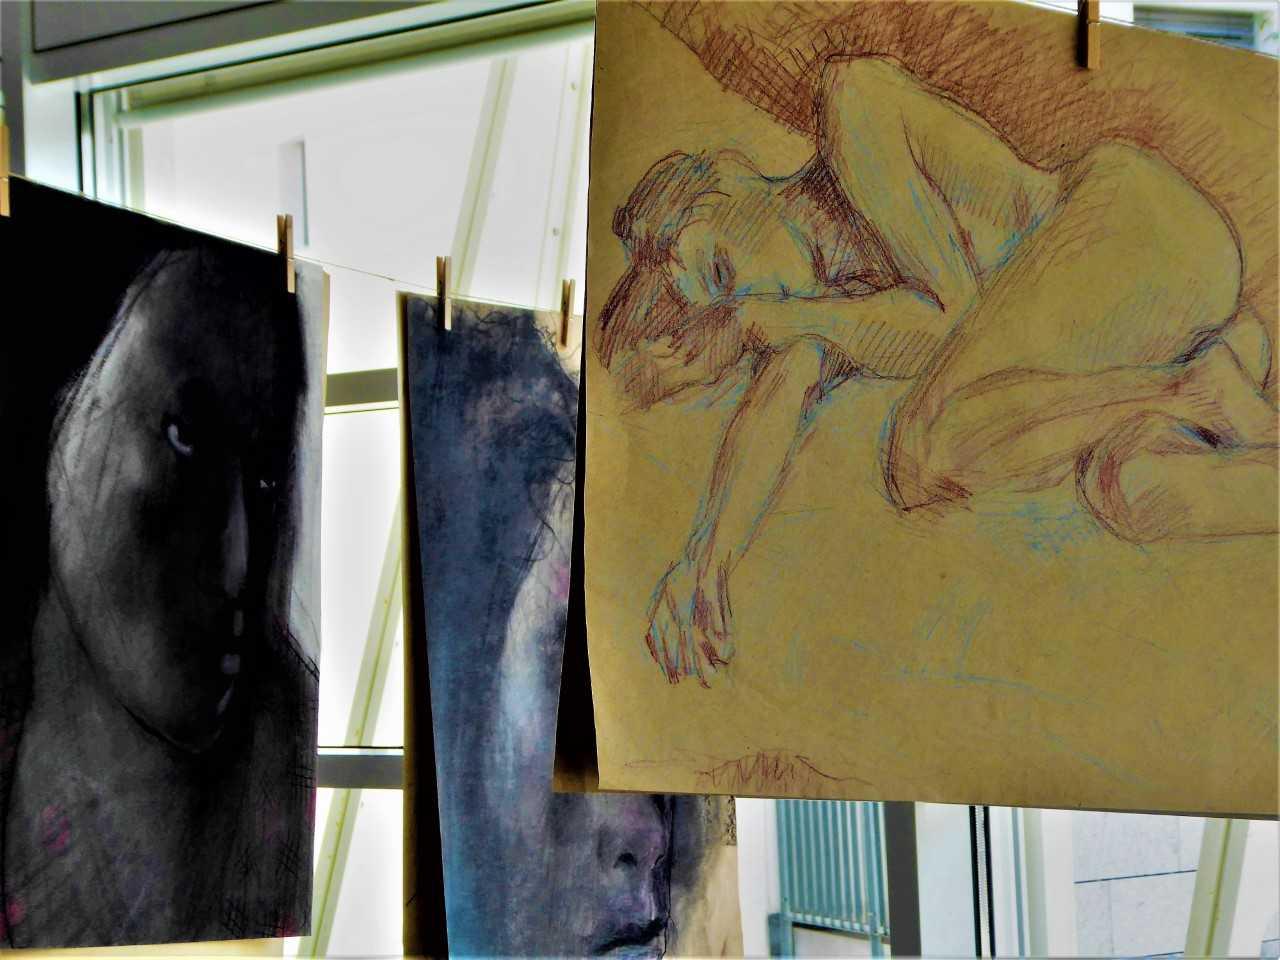 An Wäscheleinen hängen wild durcheinandergewürfelt Yves Scherers Zeichnungen und Grafiken.